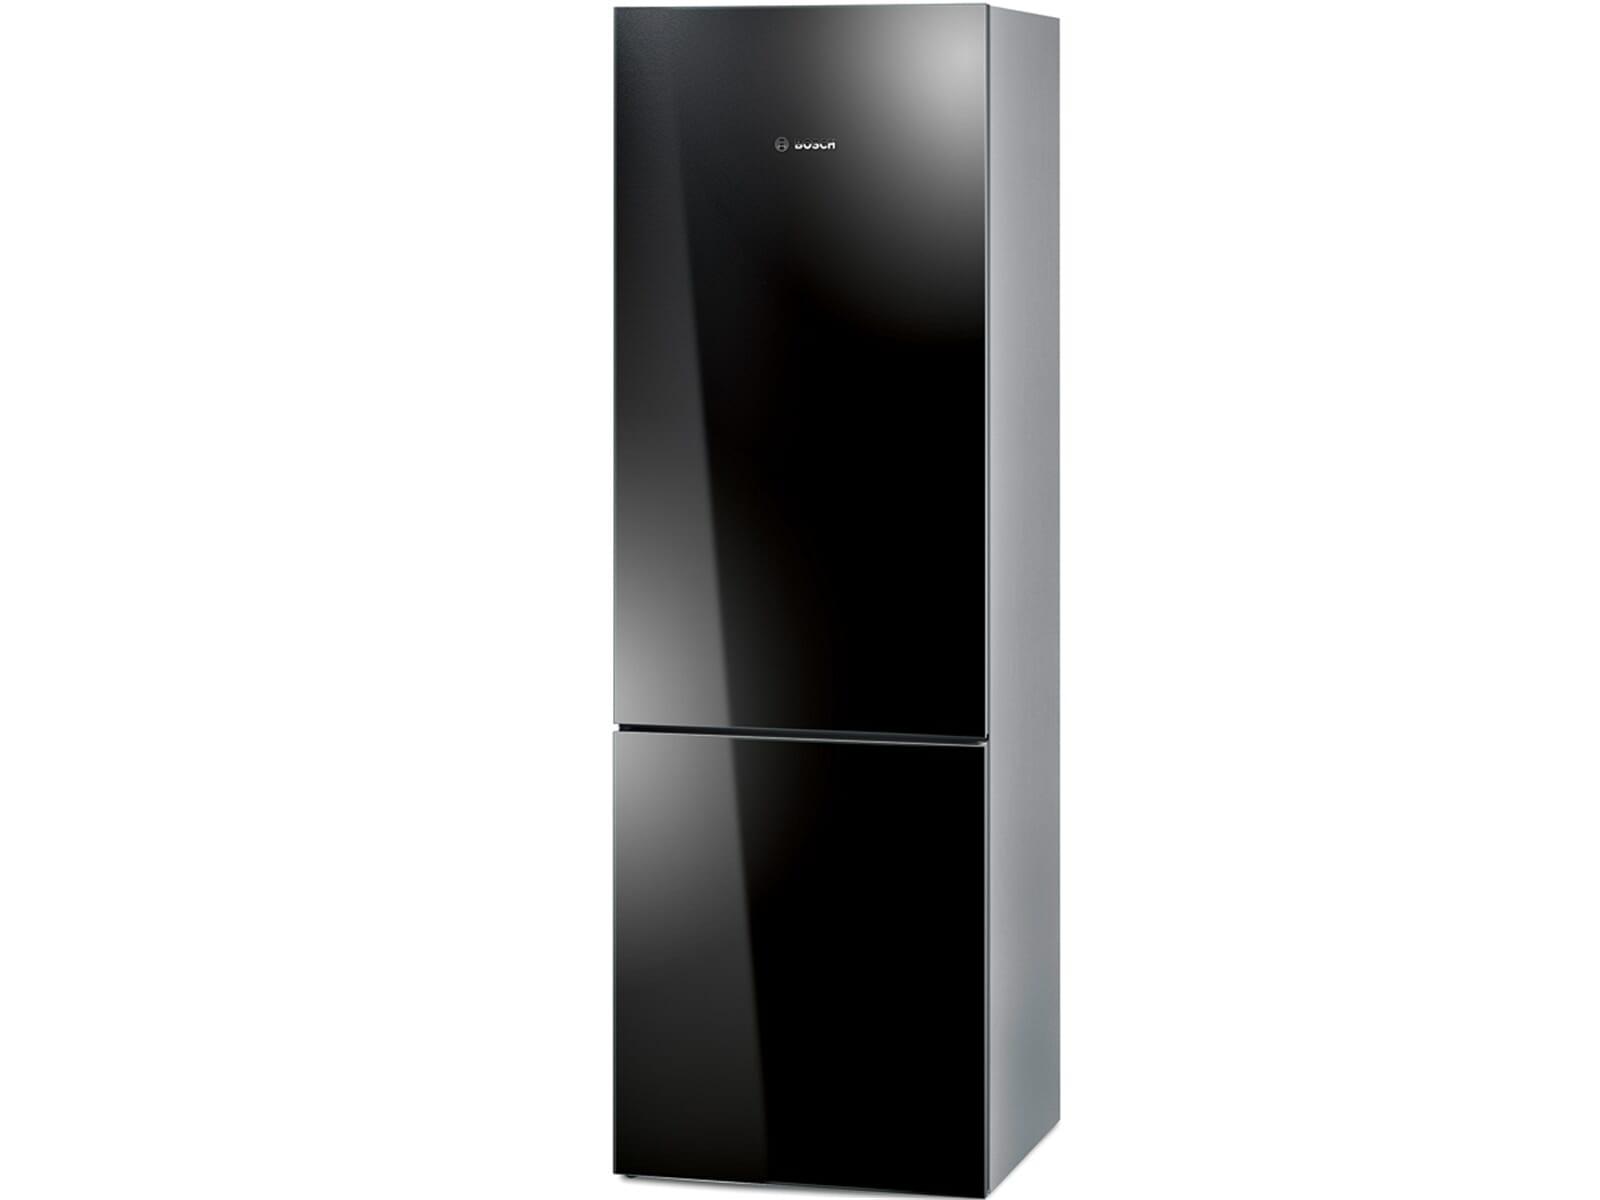 Bomann Kühlschrank Dt 248 : Kühlgefrierkombination freistehend exquisit kgc232 60 4